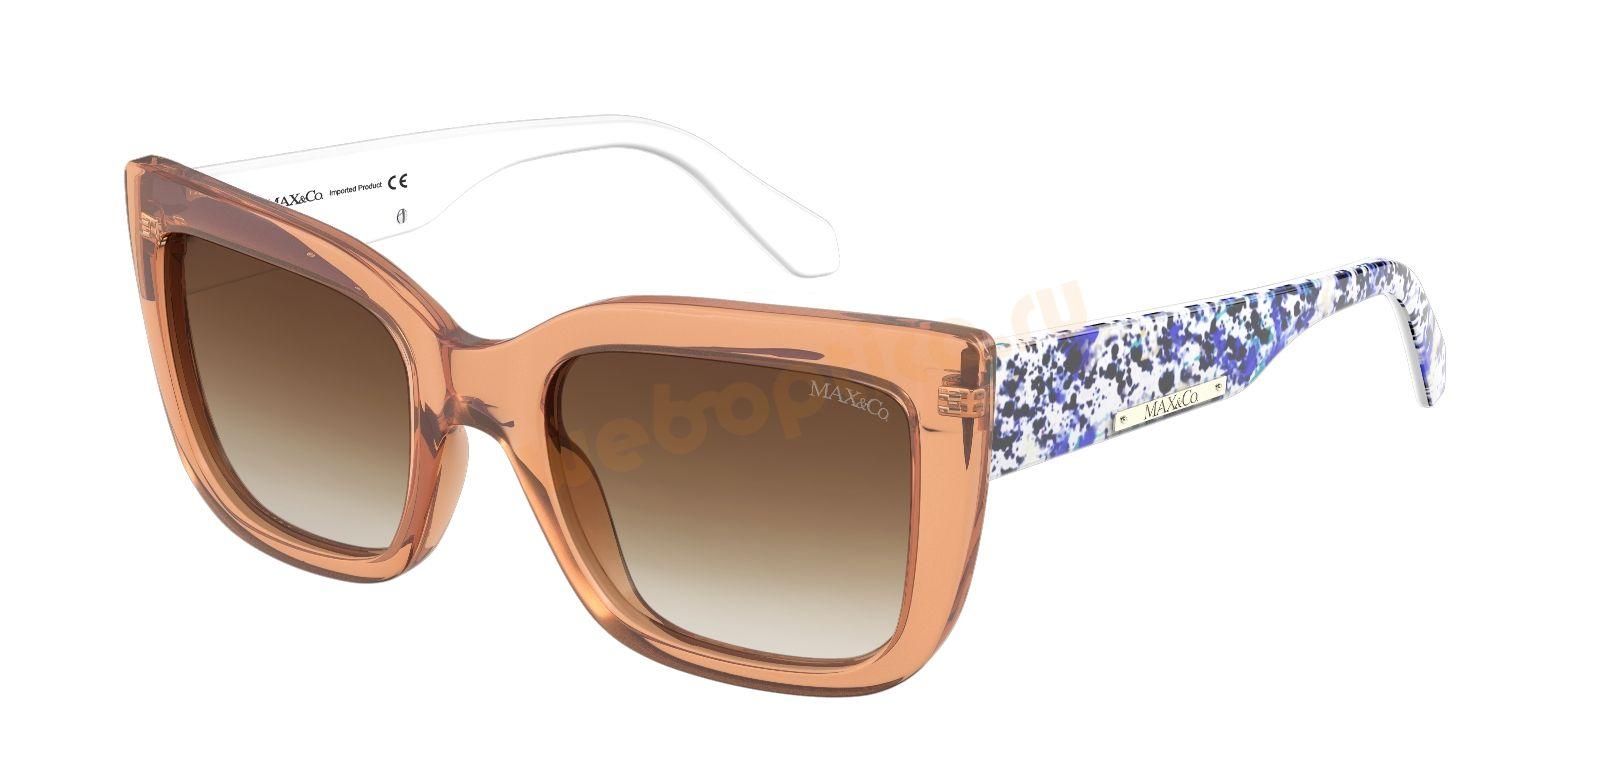 e69f3e566f45 Оливия Палермо представляет солнцезащитные очки MAX   Co. лето 2015